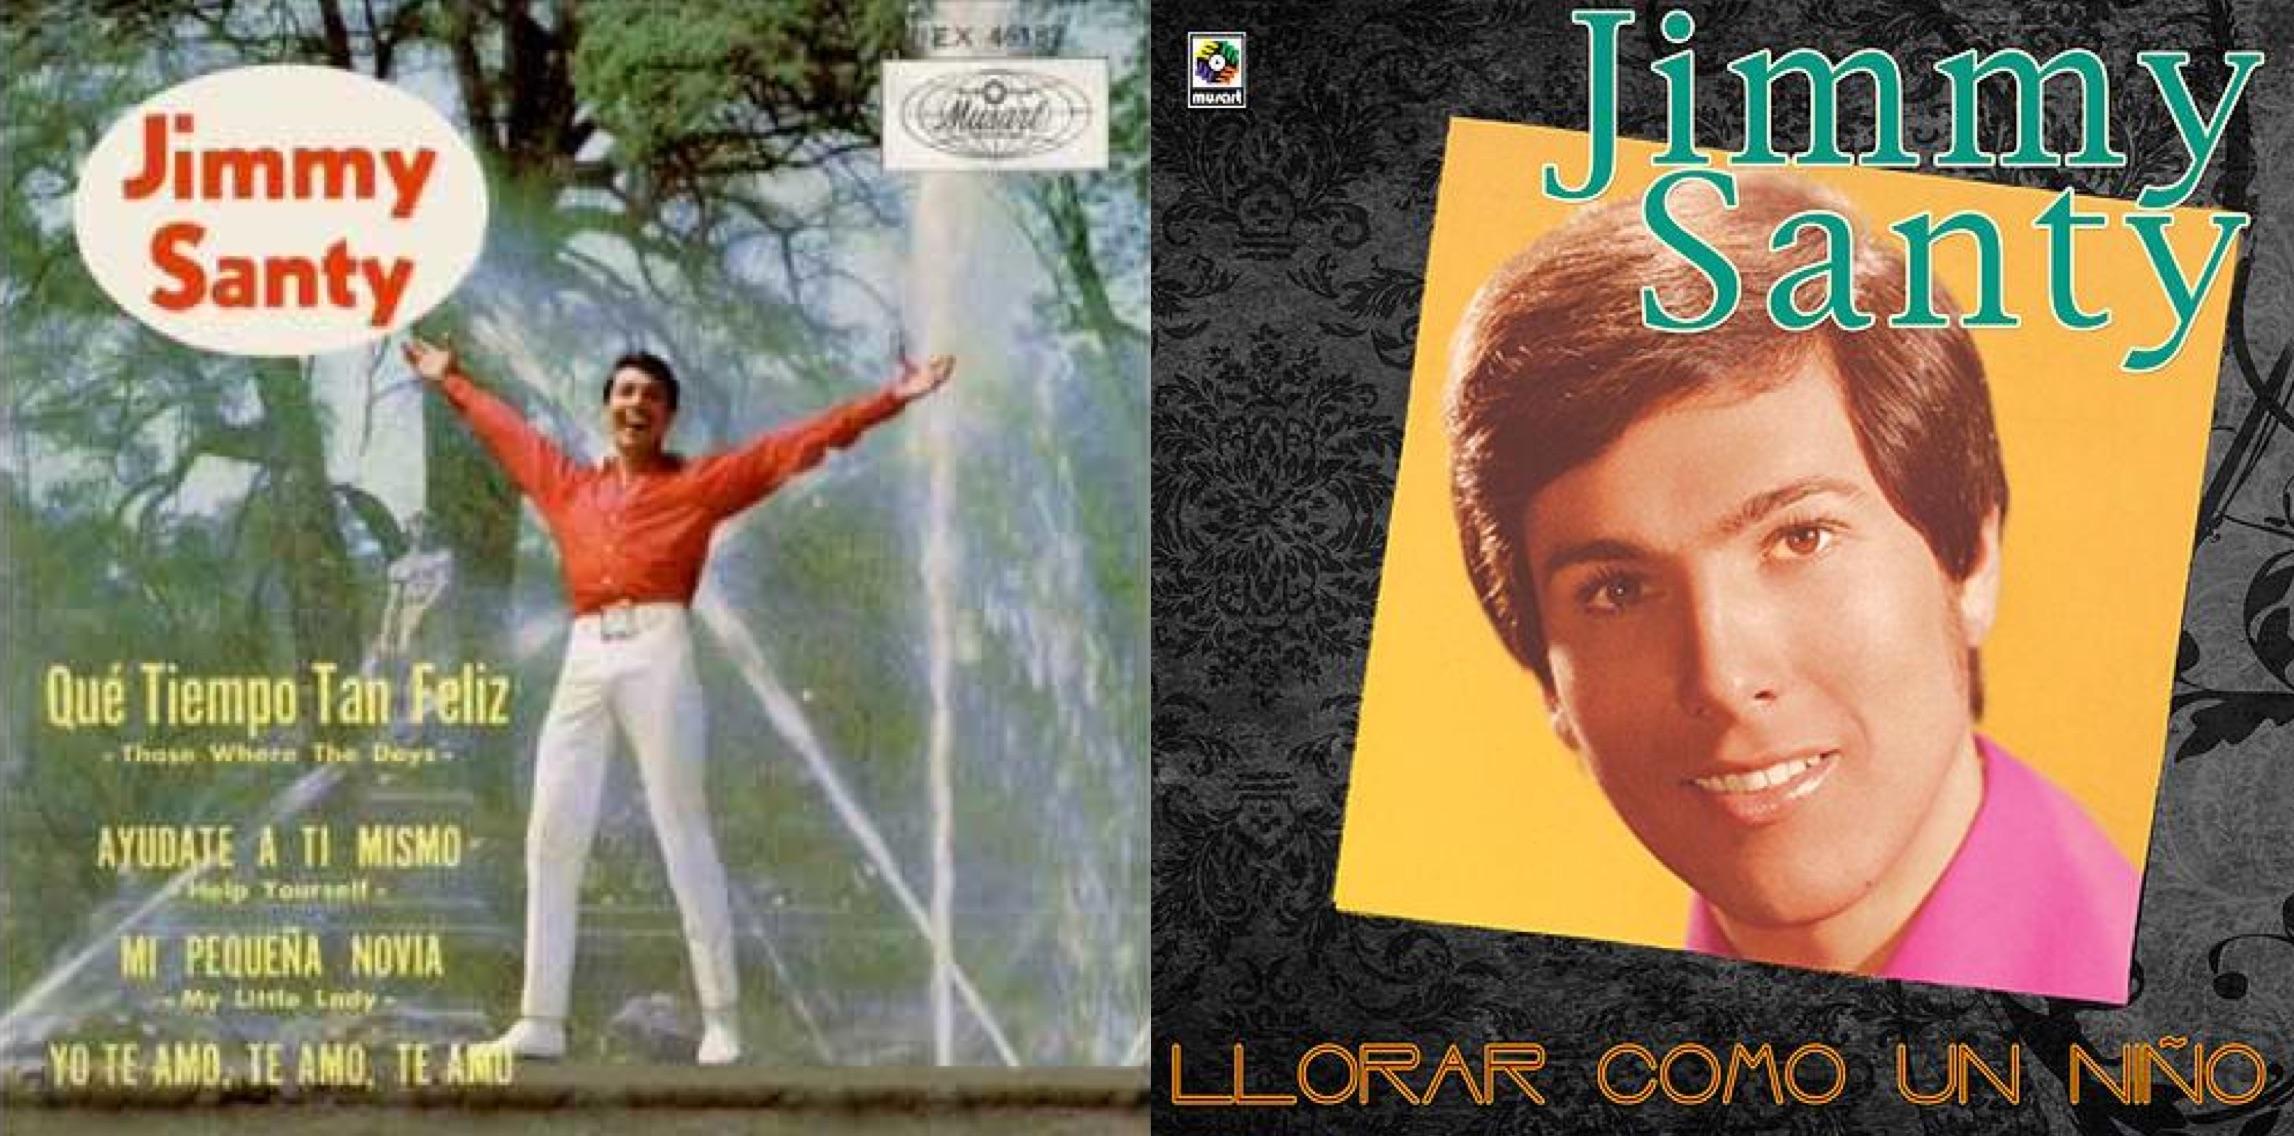 Discos del peruano Jimmy Santi.